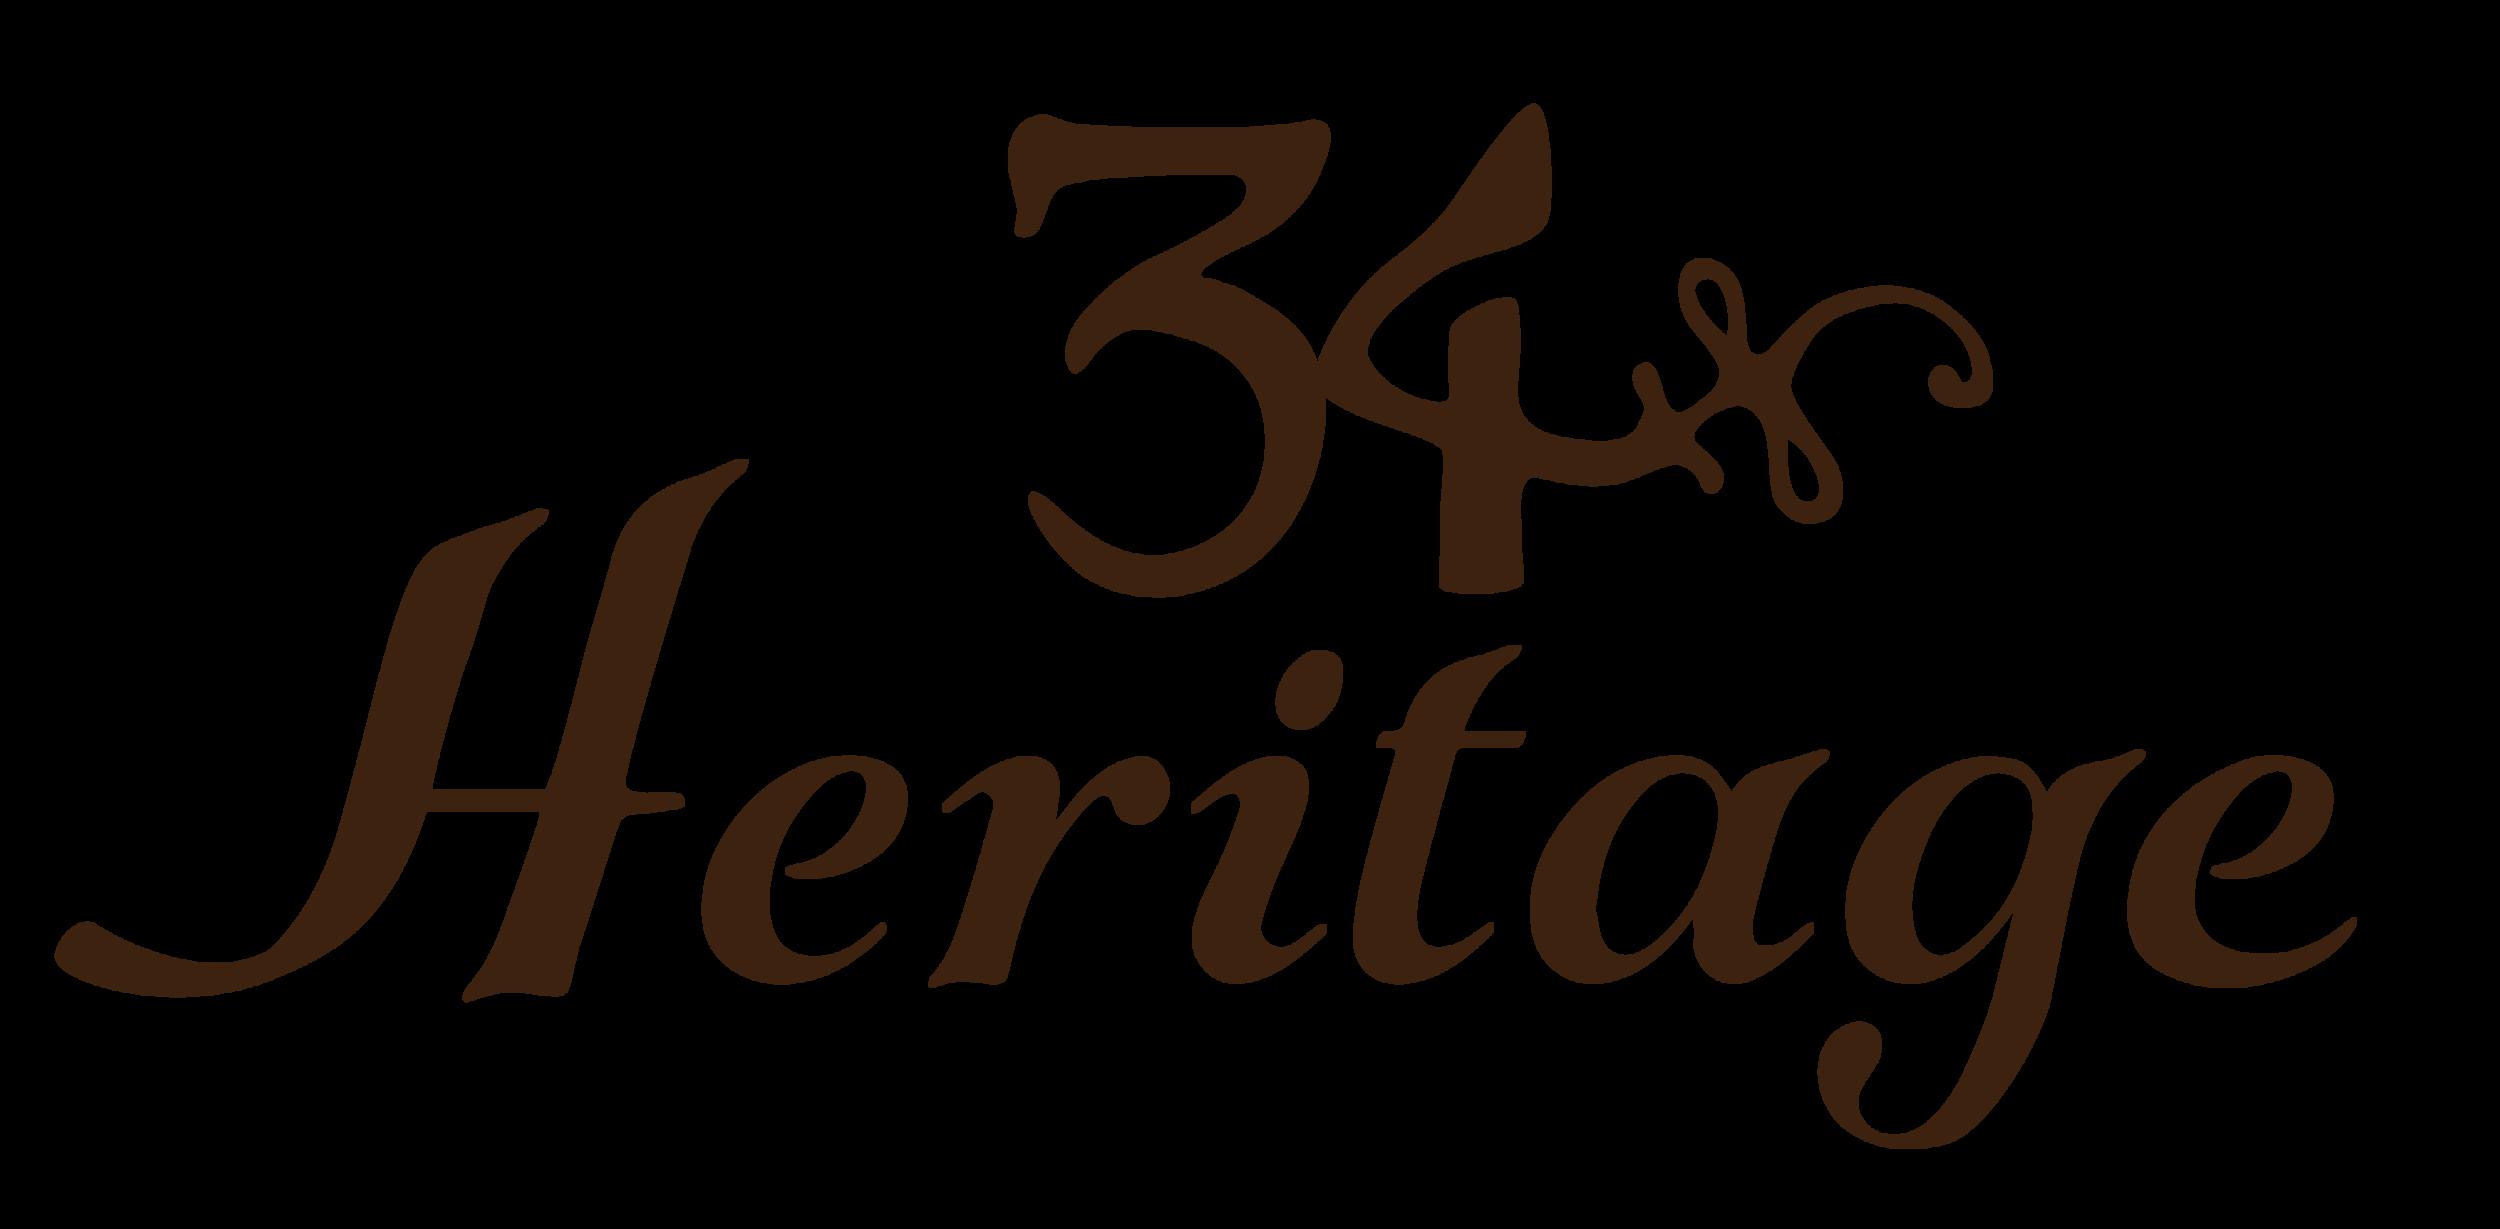 34-heritage-logopng-1525815403399.png